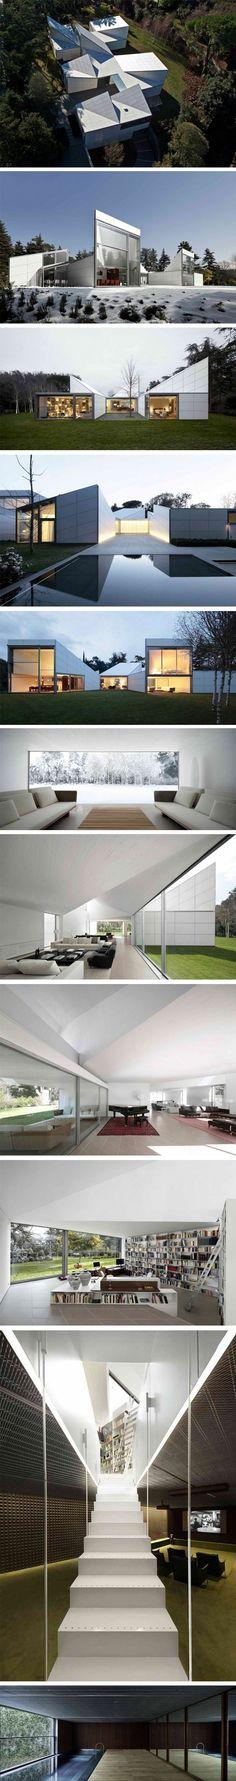 Maison vitrine à Barcelone, Espagne Totalement extravagante, cette maison répond pourtant à des règles simples de géométrie. Chaque module correspond à un